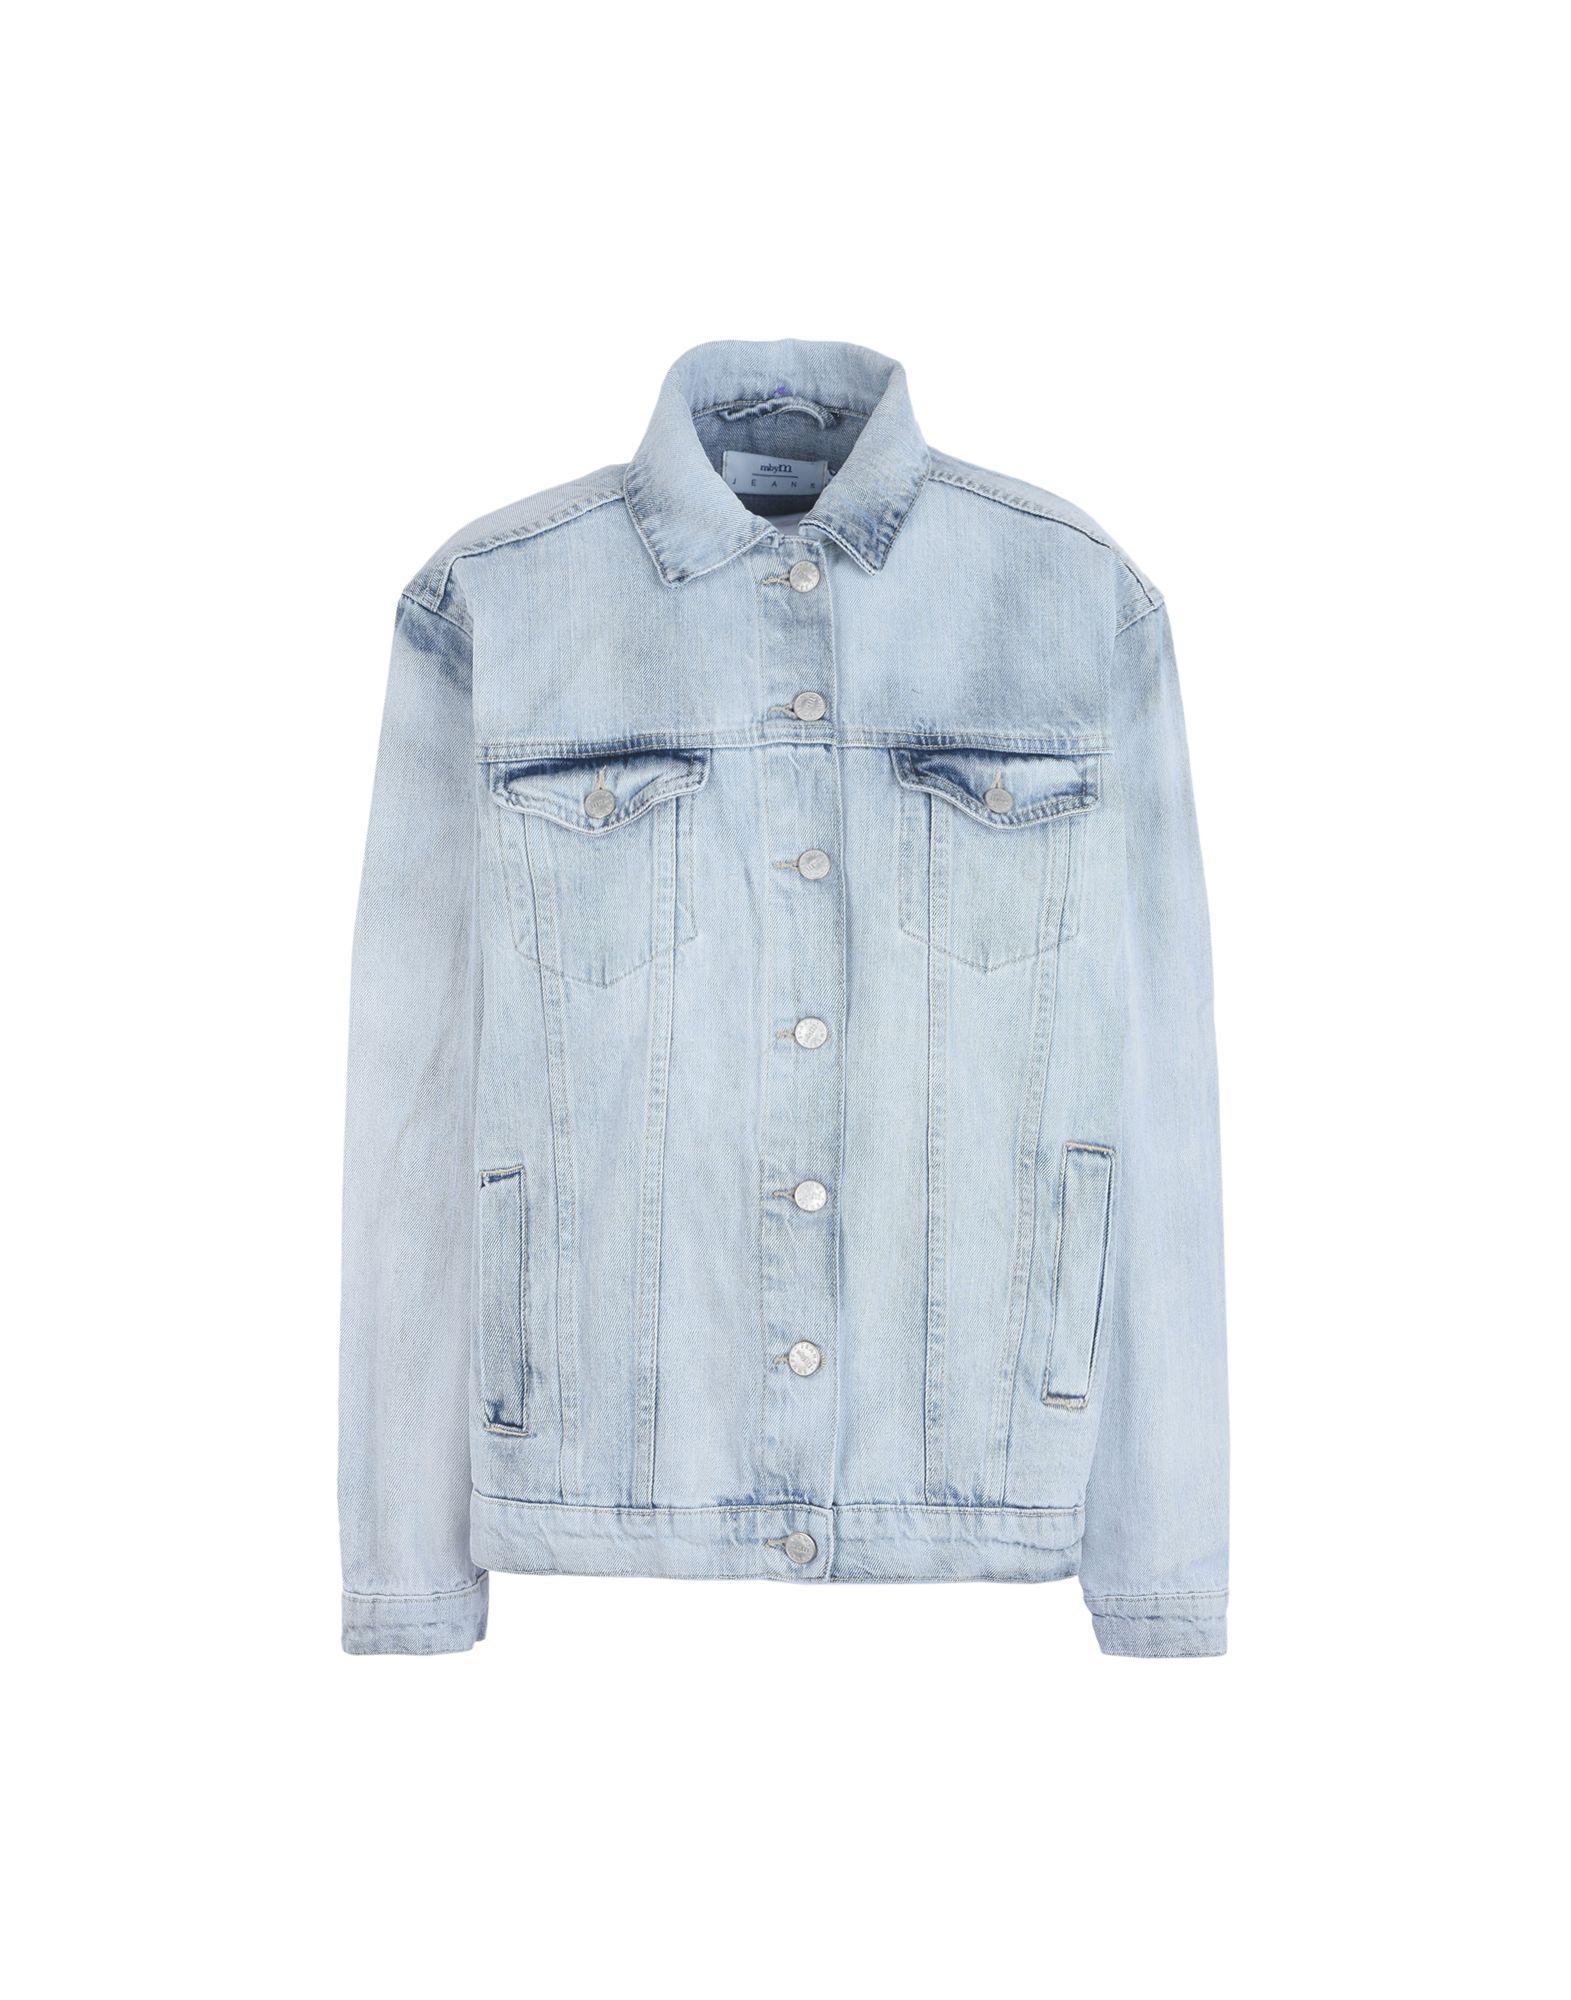 MBYM Denim Jacket in Blue